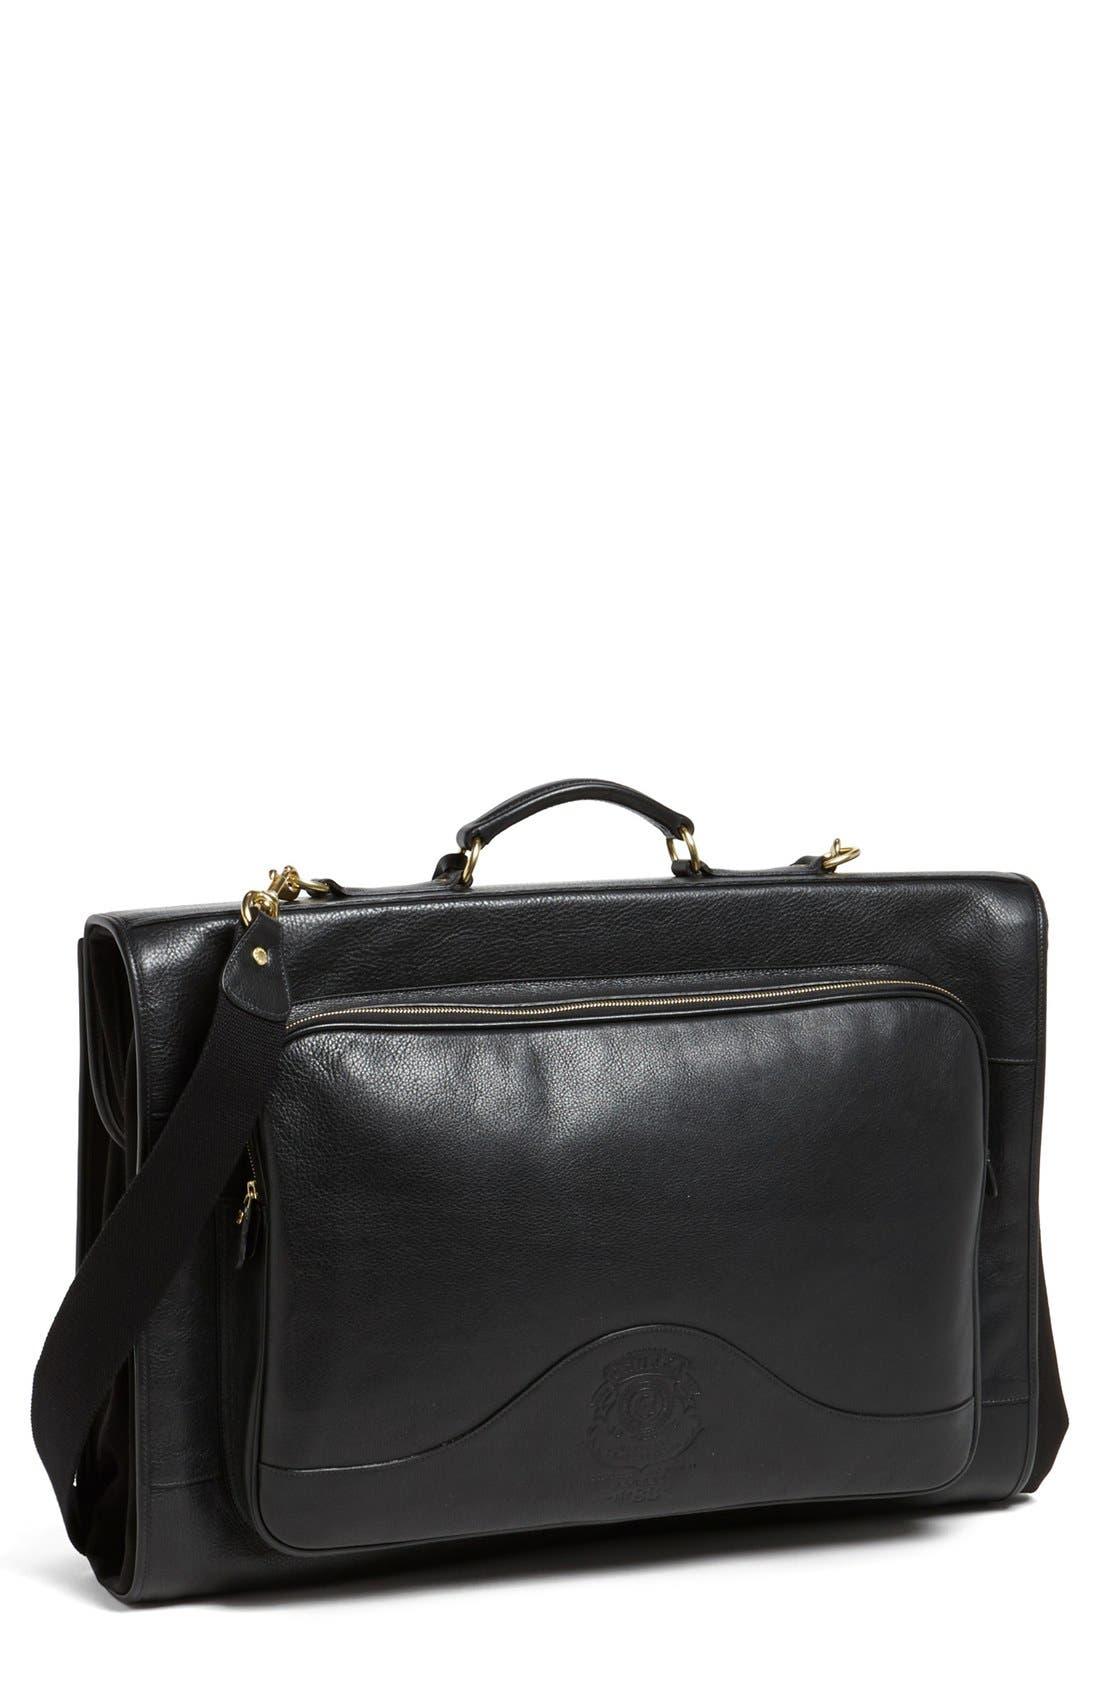 Alternate Image 1 Selected - Ghurka 'Packet No. 83' Leather Garment Bag